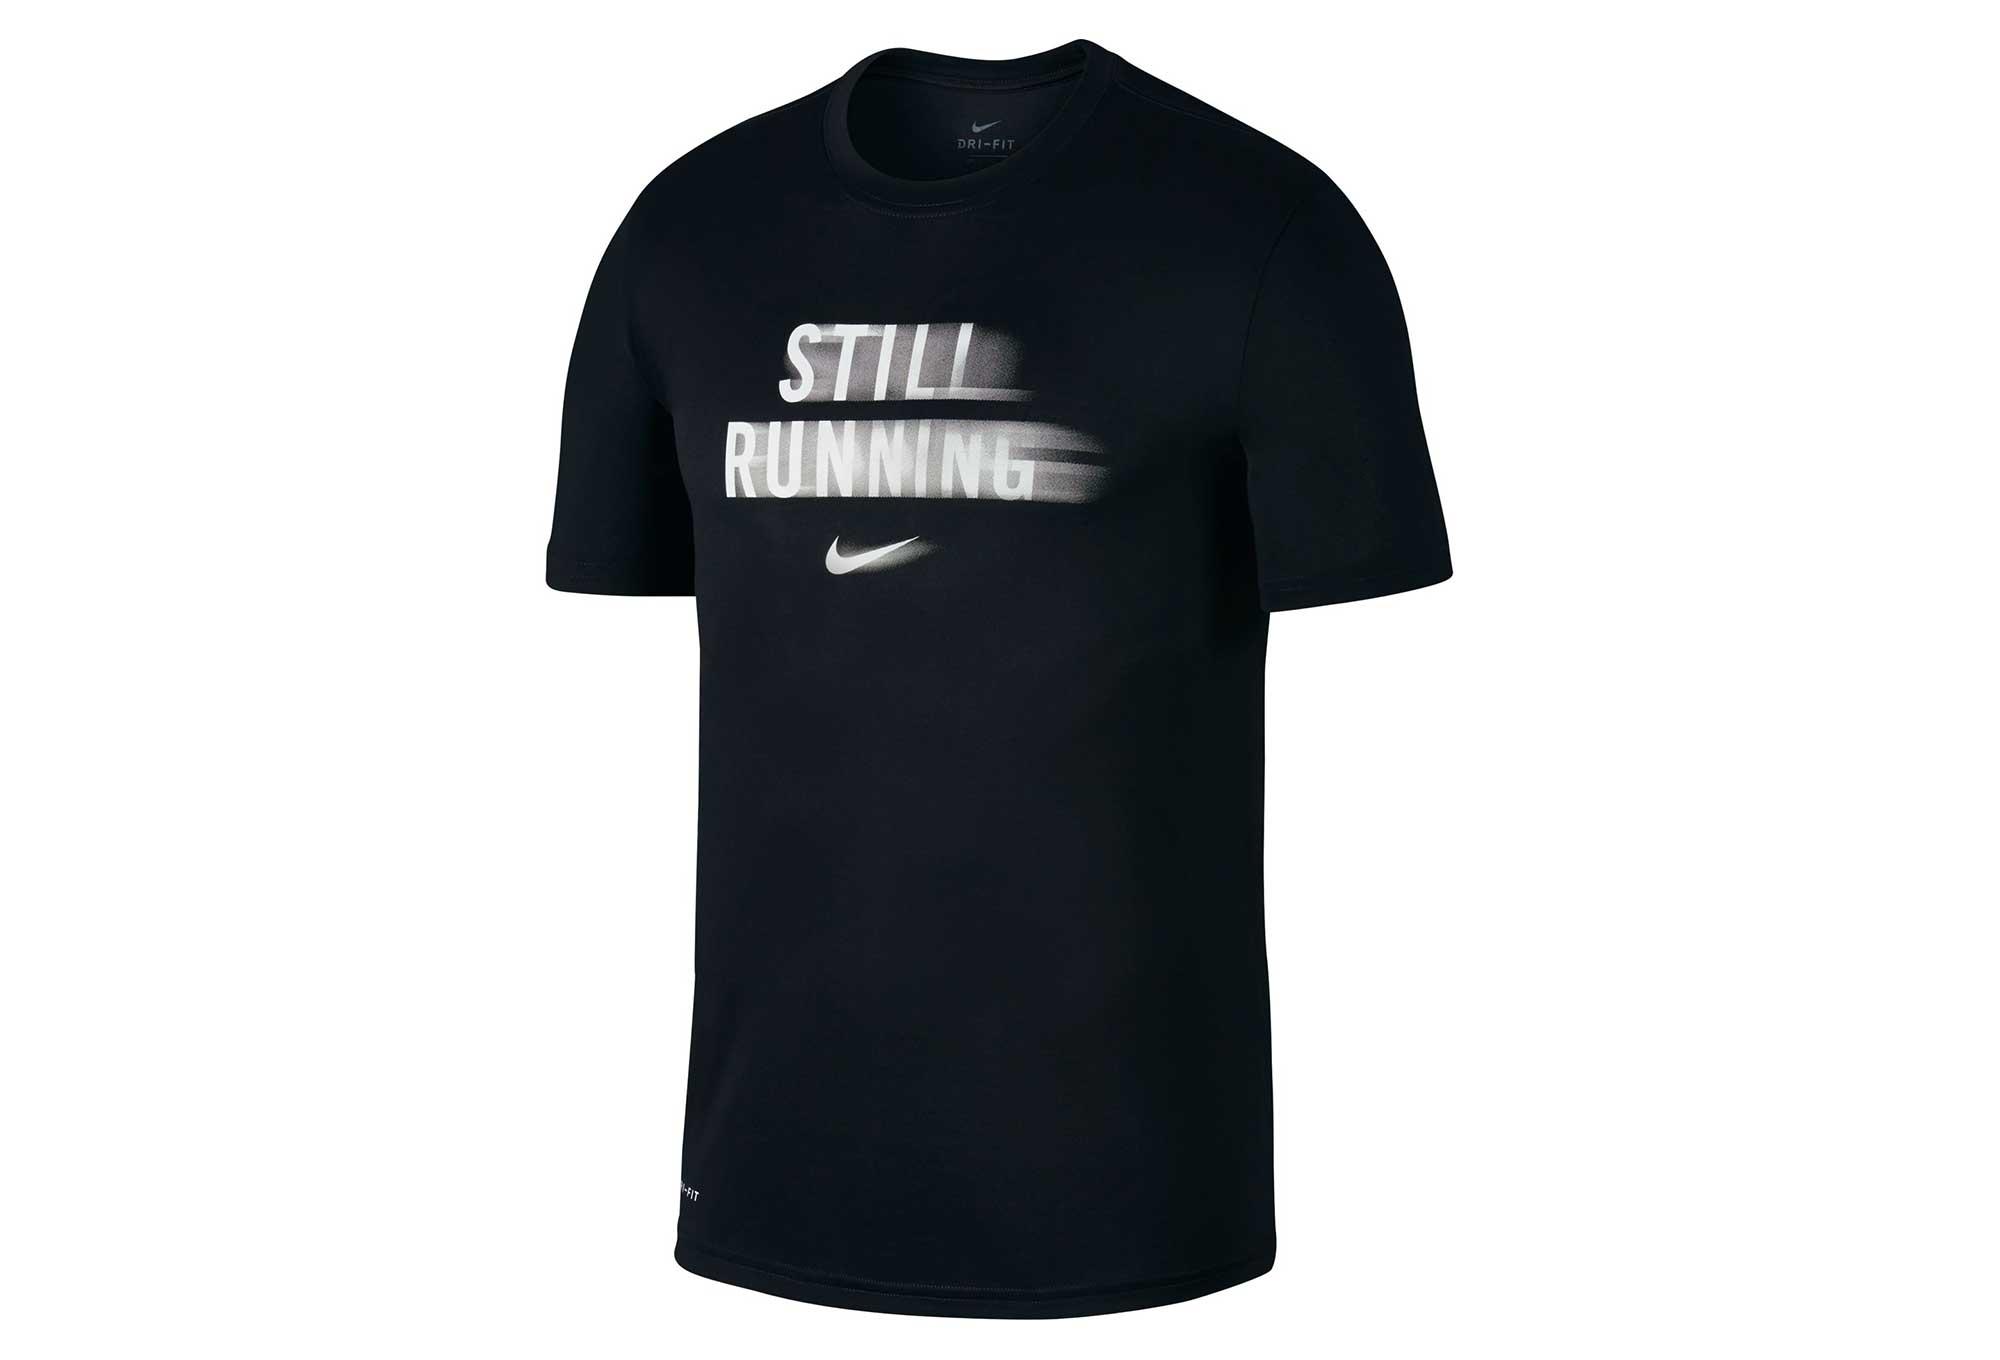 Negra Camiseta De Nike Manga Running Still Corta LGVSUzMqp